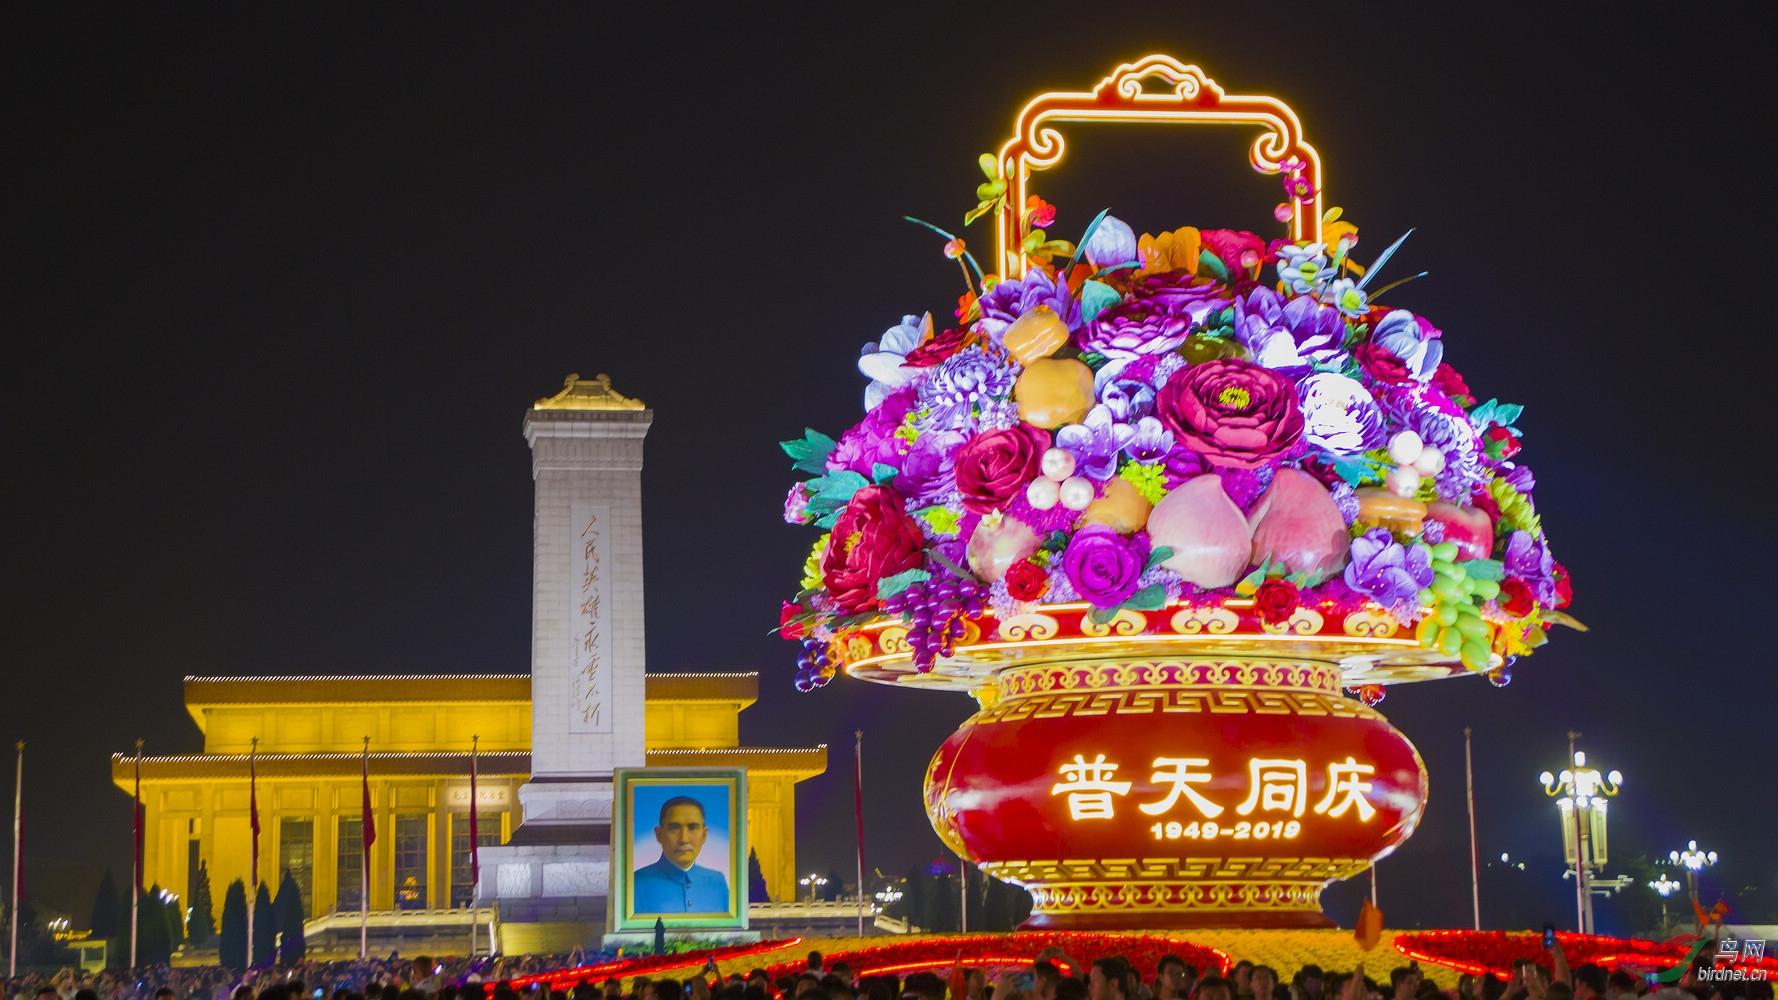 国庆夜景1O9A5187-0.jpg